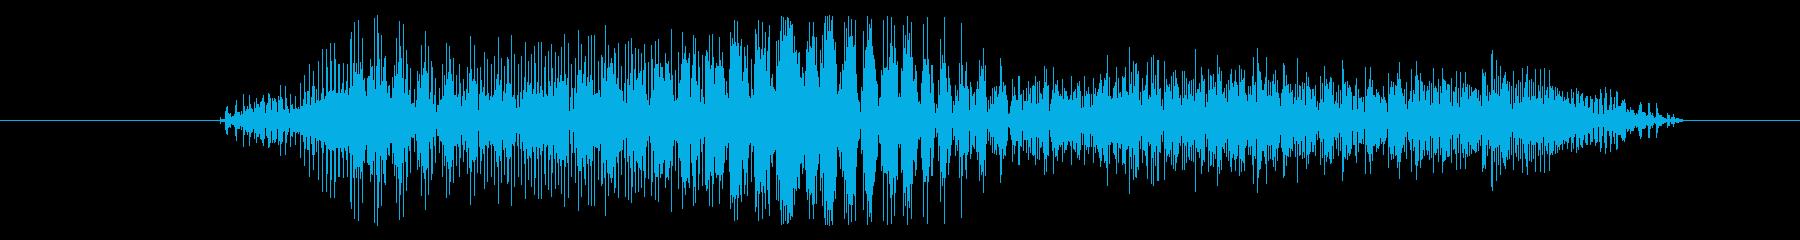 モンスター 痛みを伴う叫び04の再生済みの波形